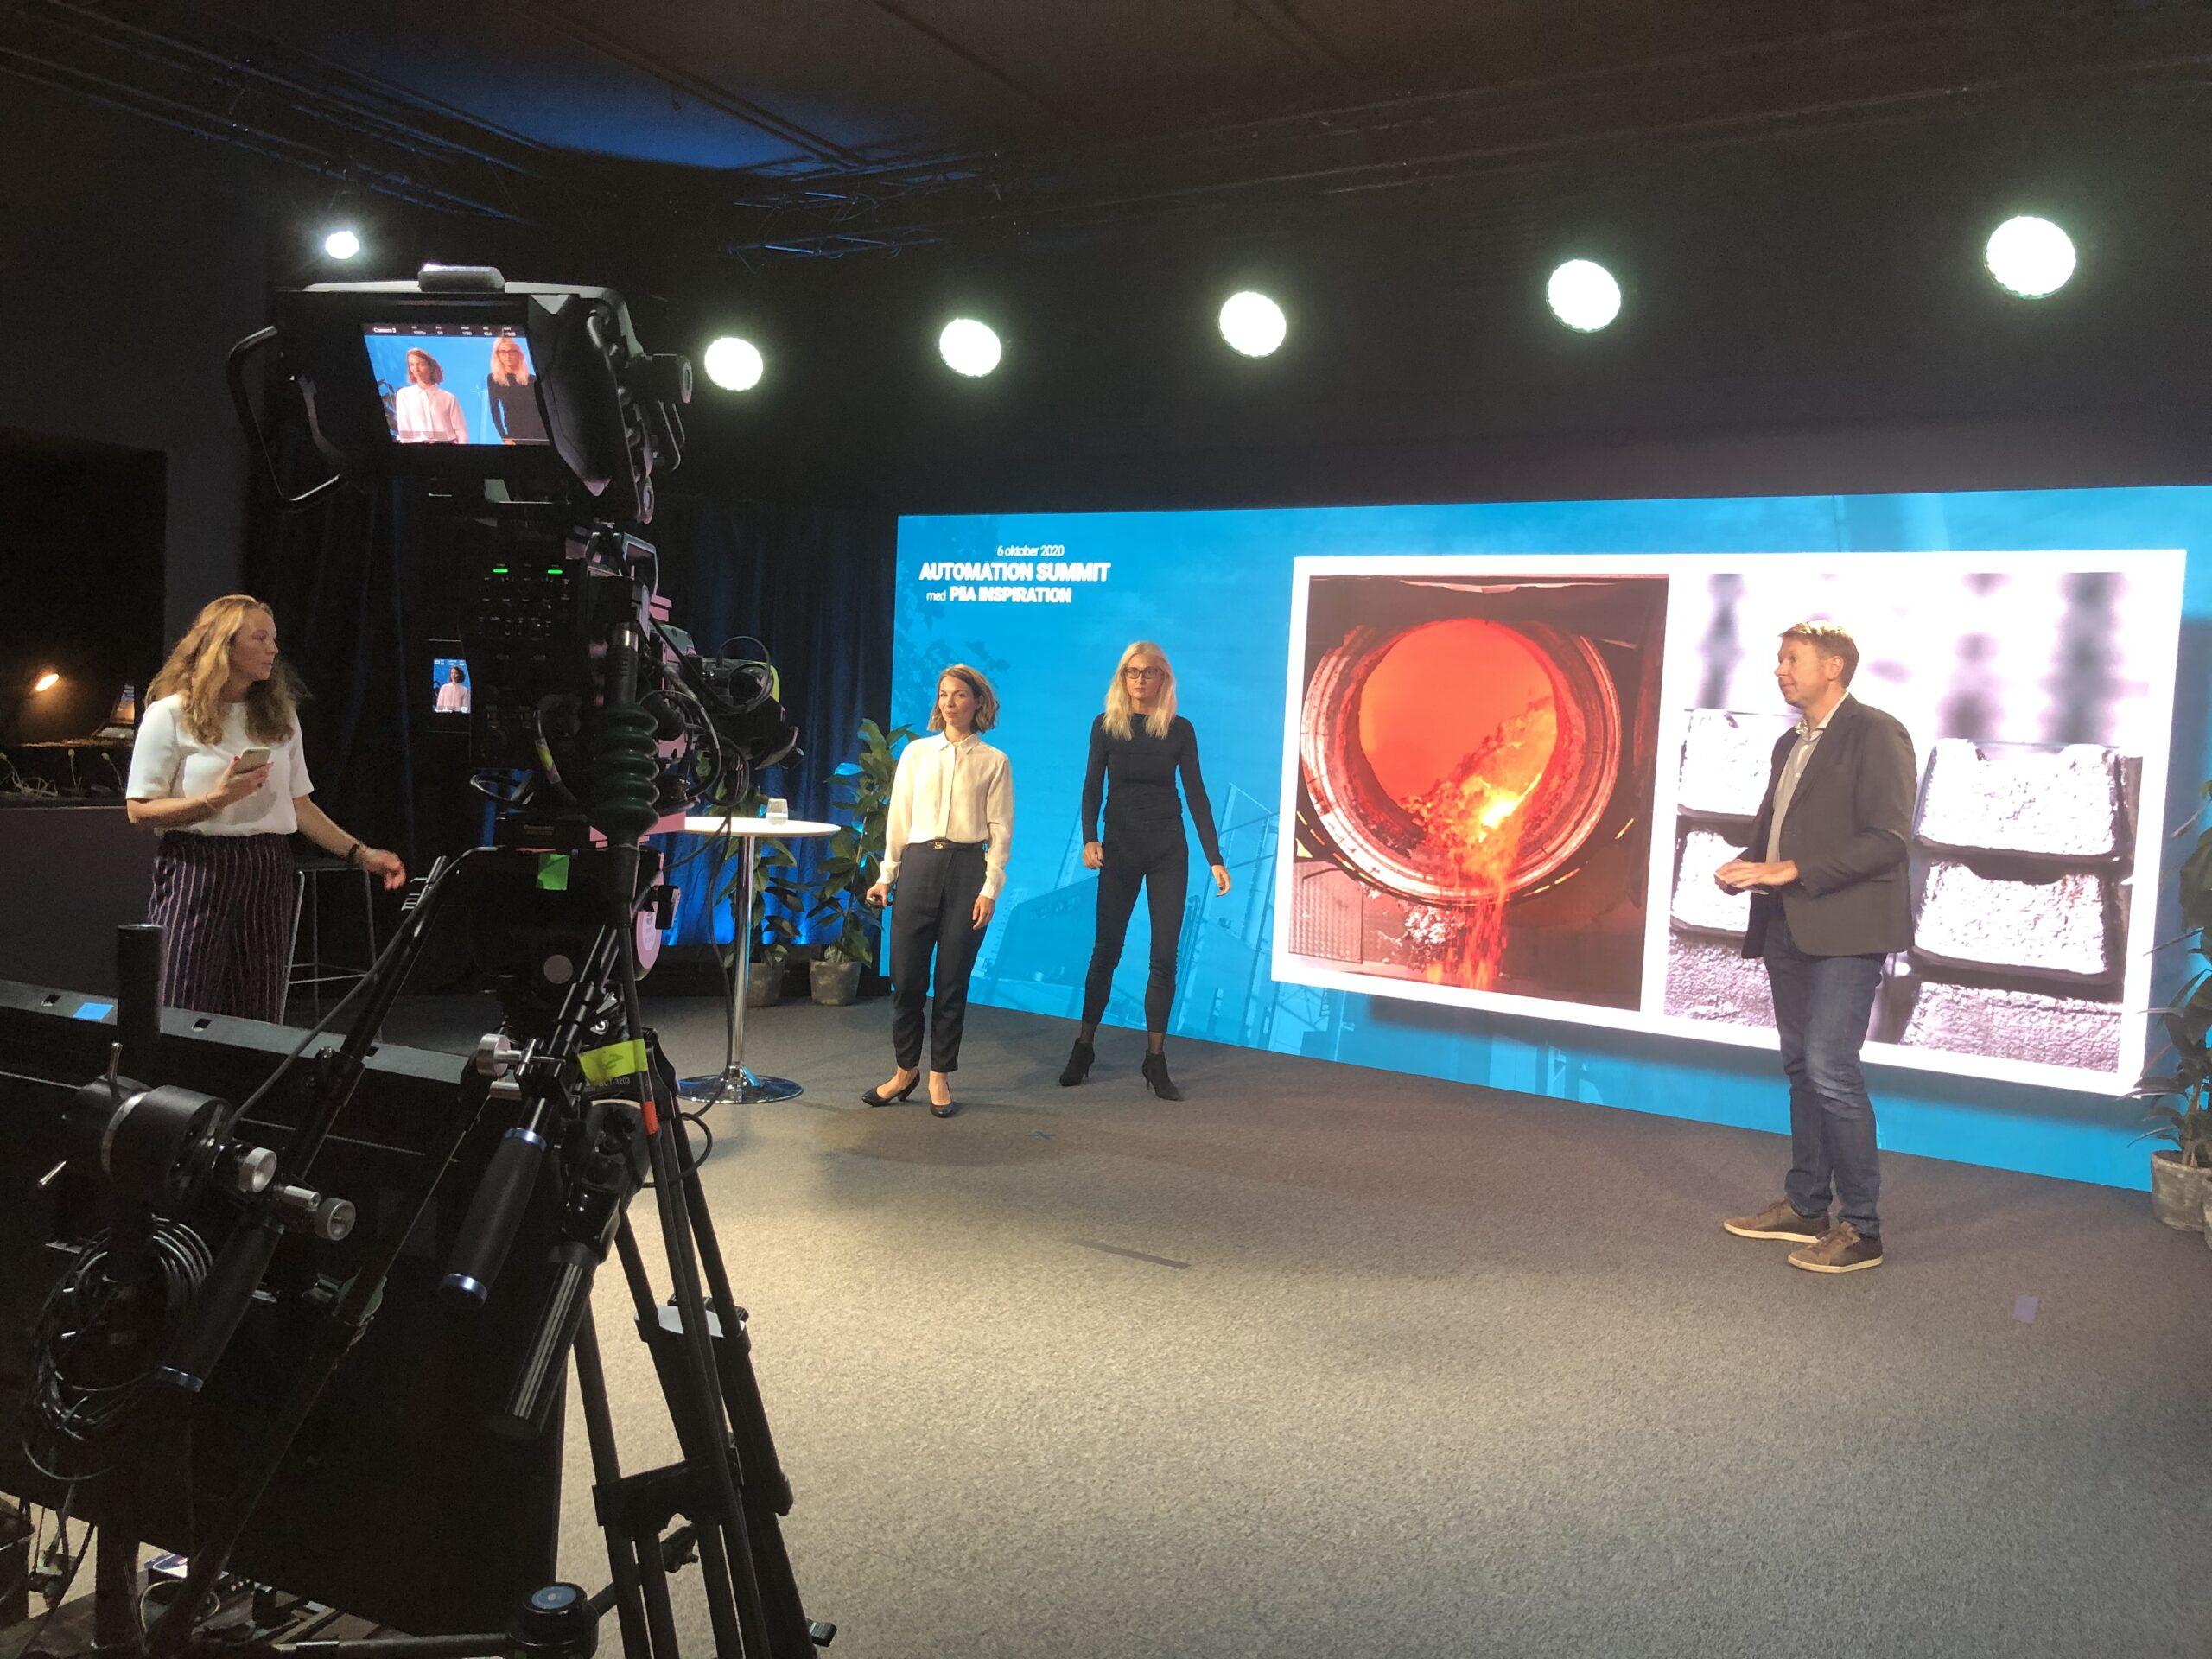 3 personer framför en stor skärm